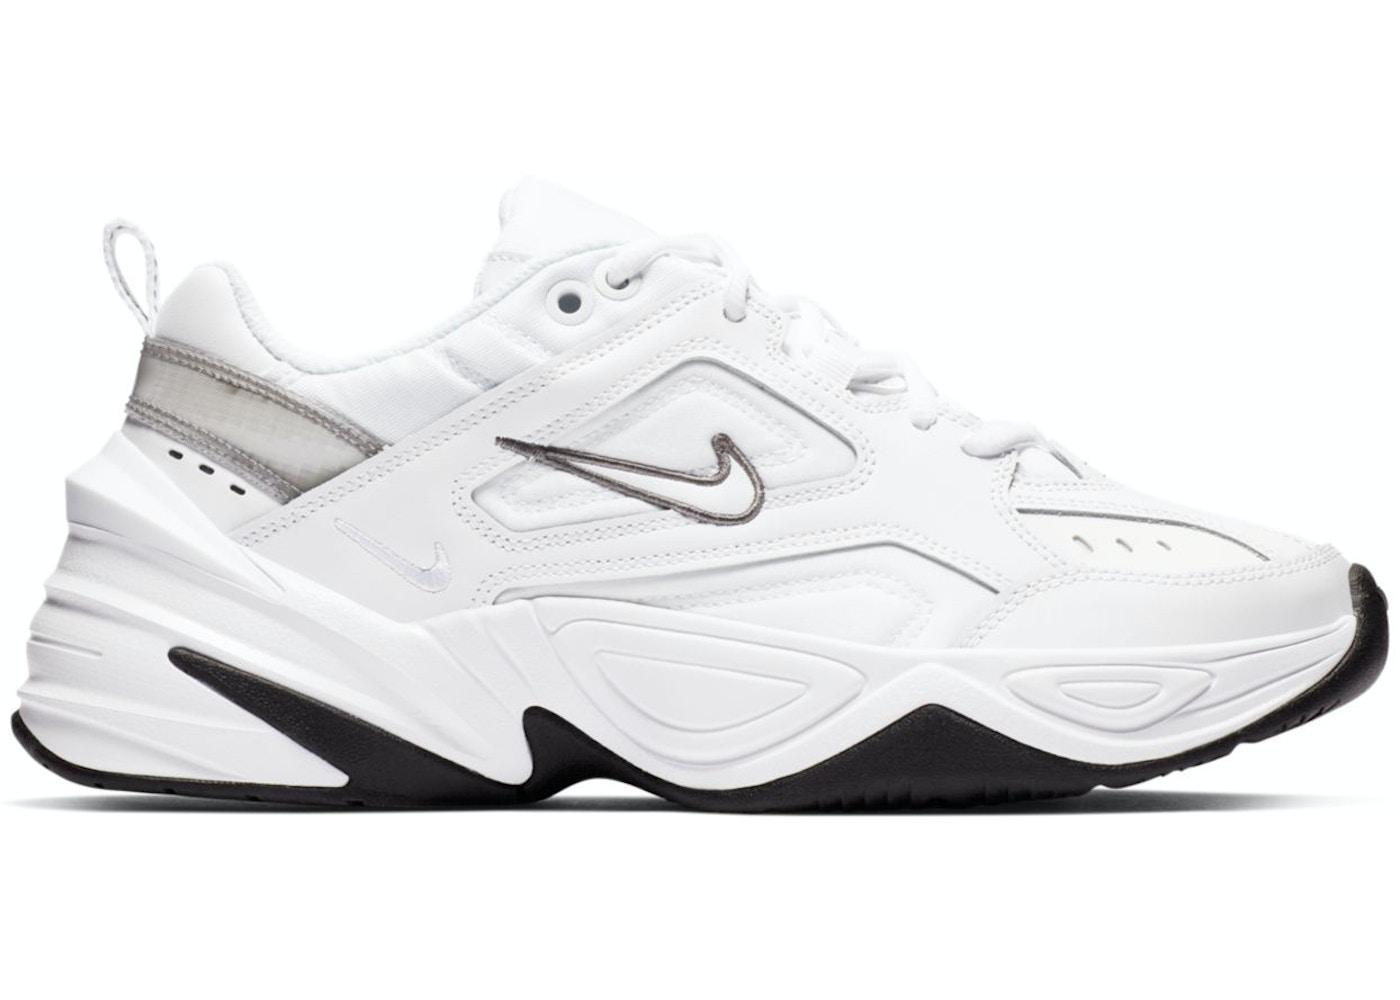 escanear Hombre rico Adolescencia  Nike M2K Tekno White - BQ3378-100